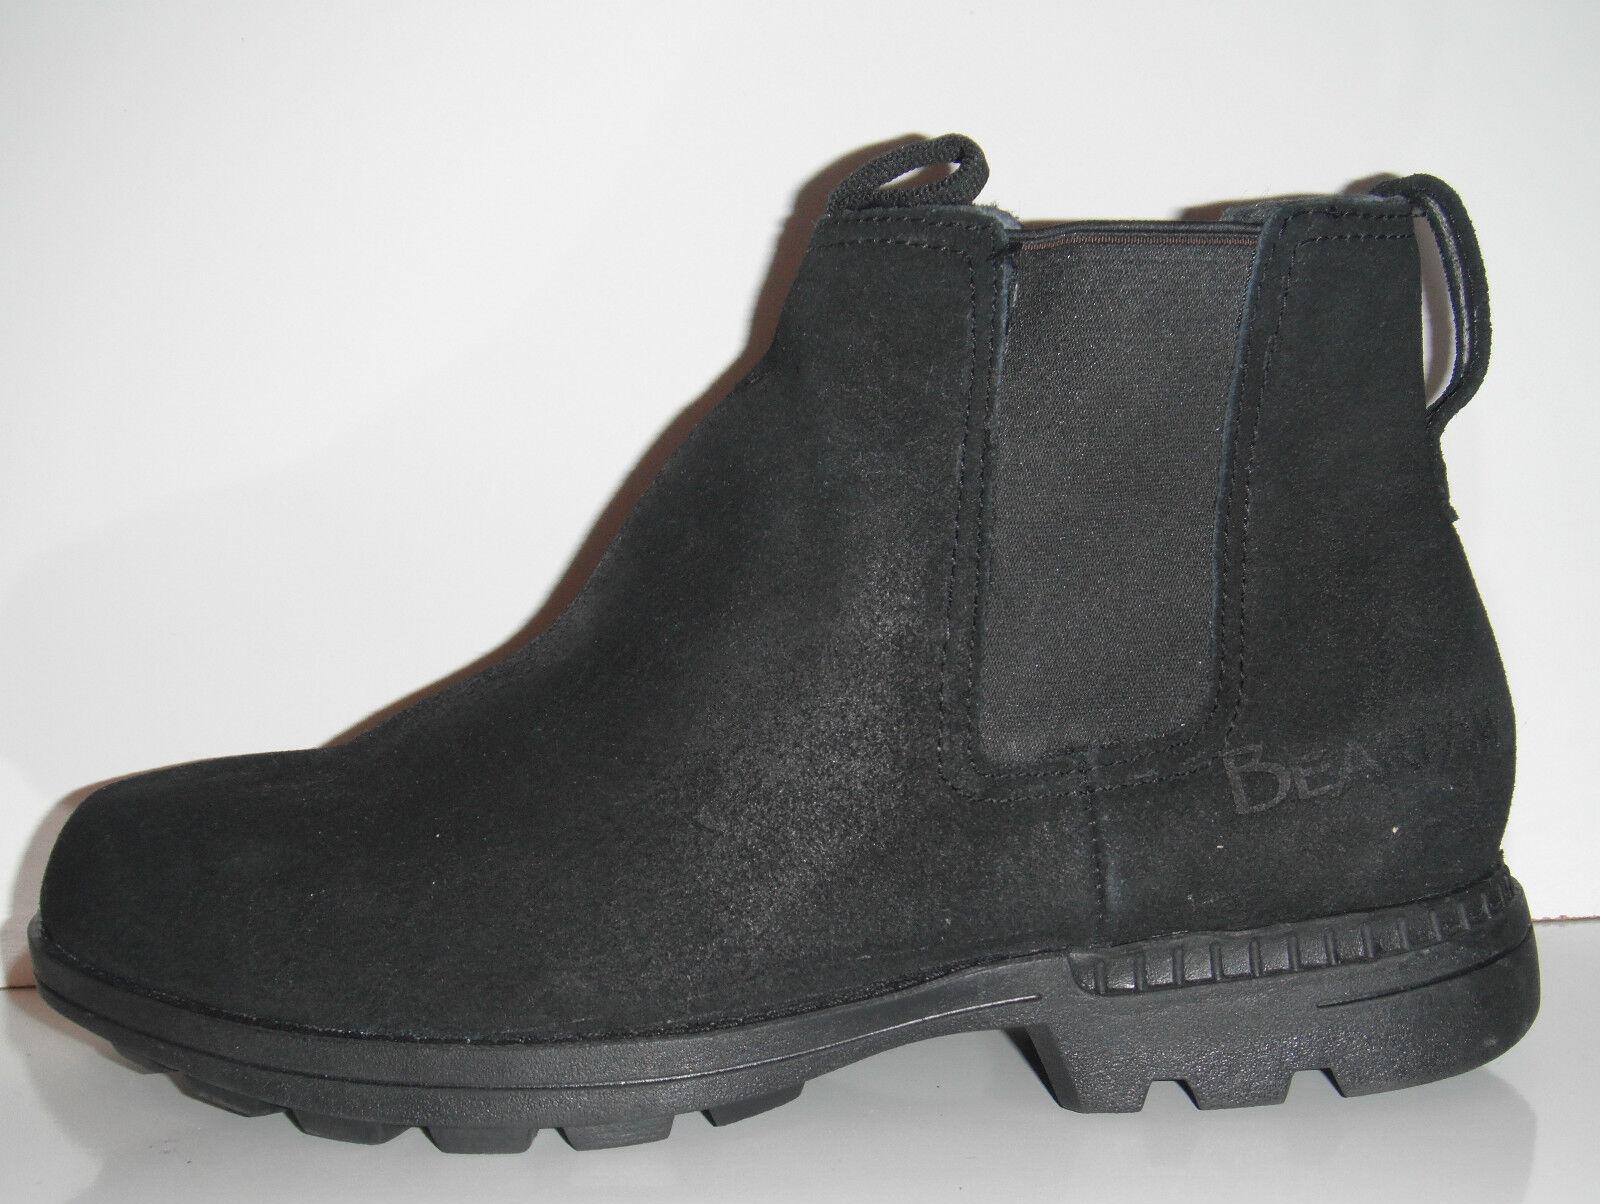 New Bearpaw Larkin II Black Pressed Suede Sheepskin Winter Footbed Boot sz 12M